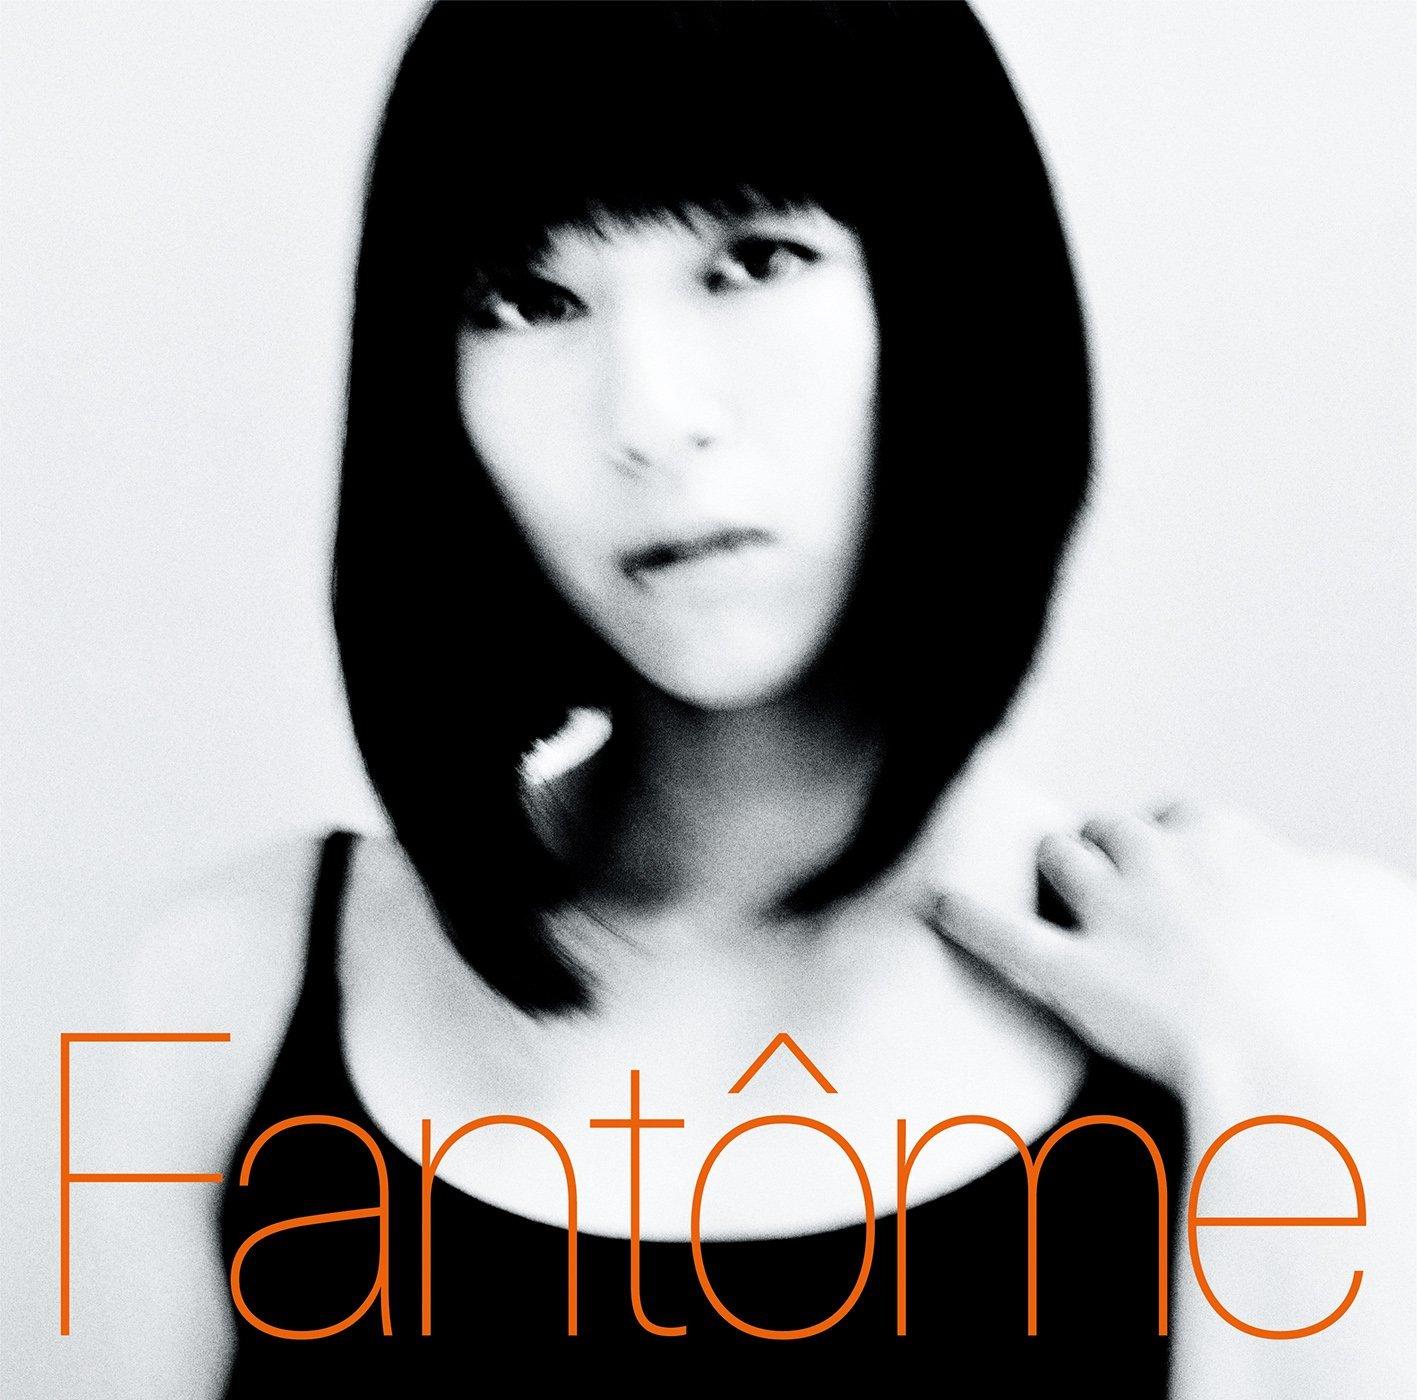 宇多田ヒカル8年ぶりアルバム『Fantôme』に椎名林檎、KOHH、OBKR参加